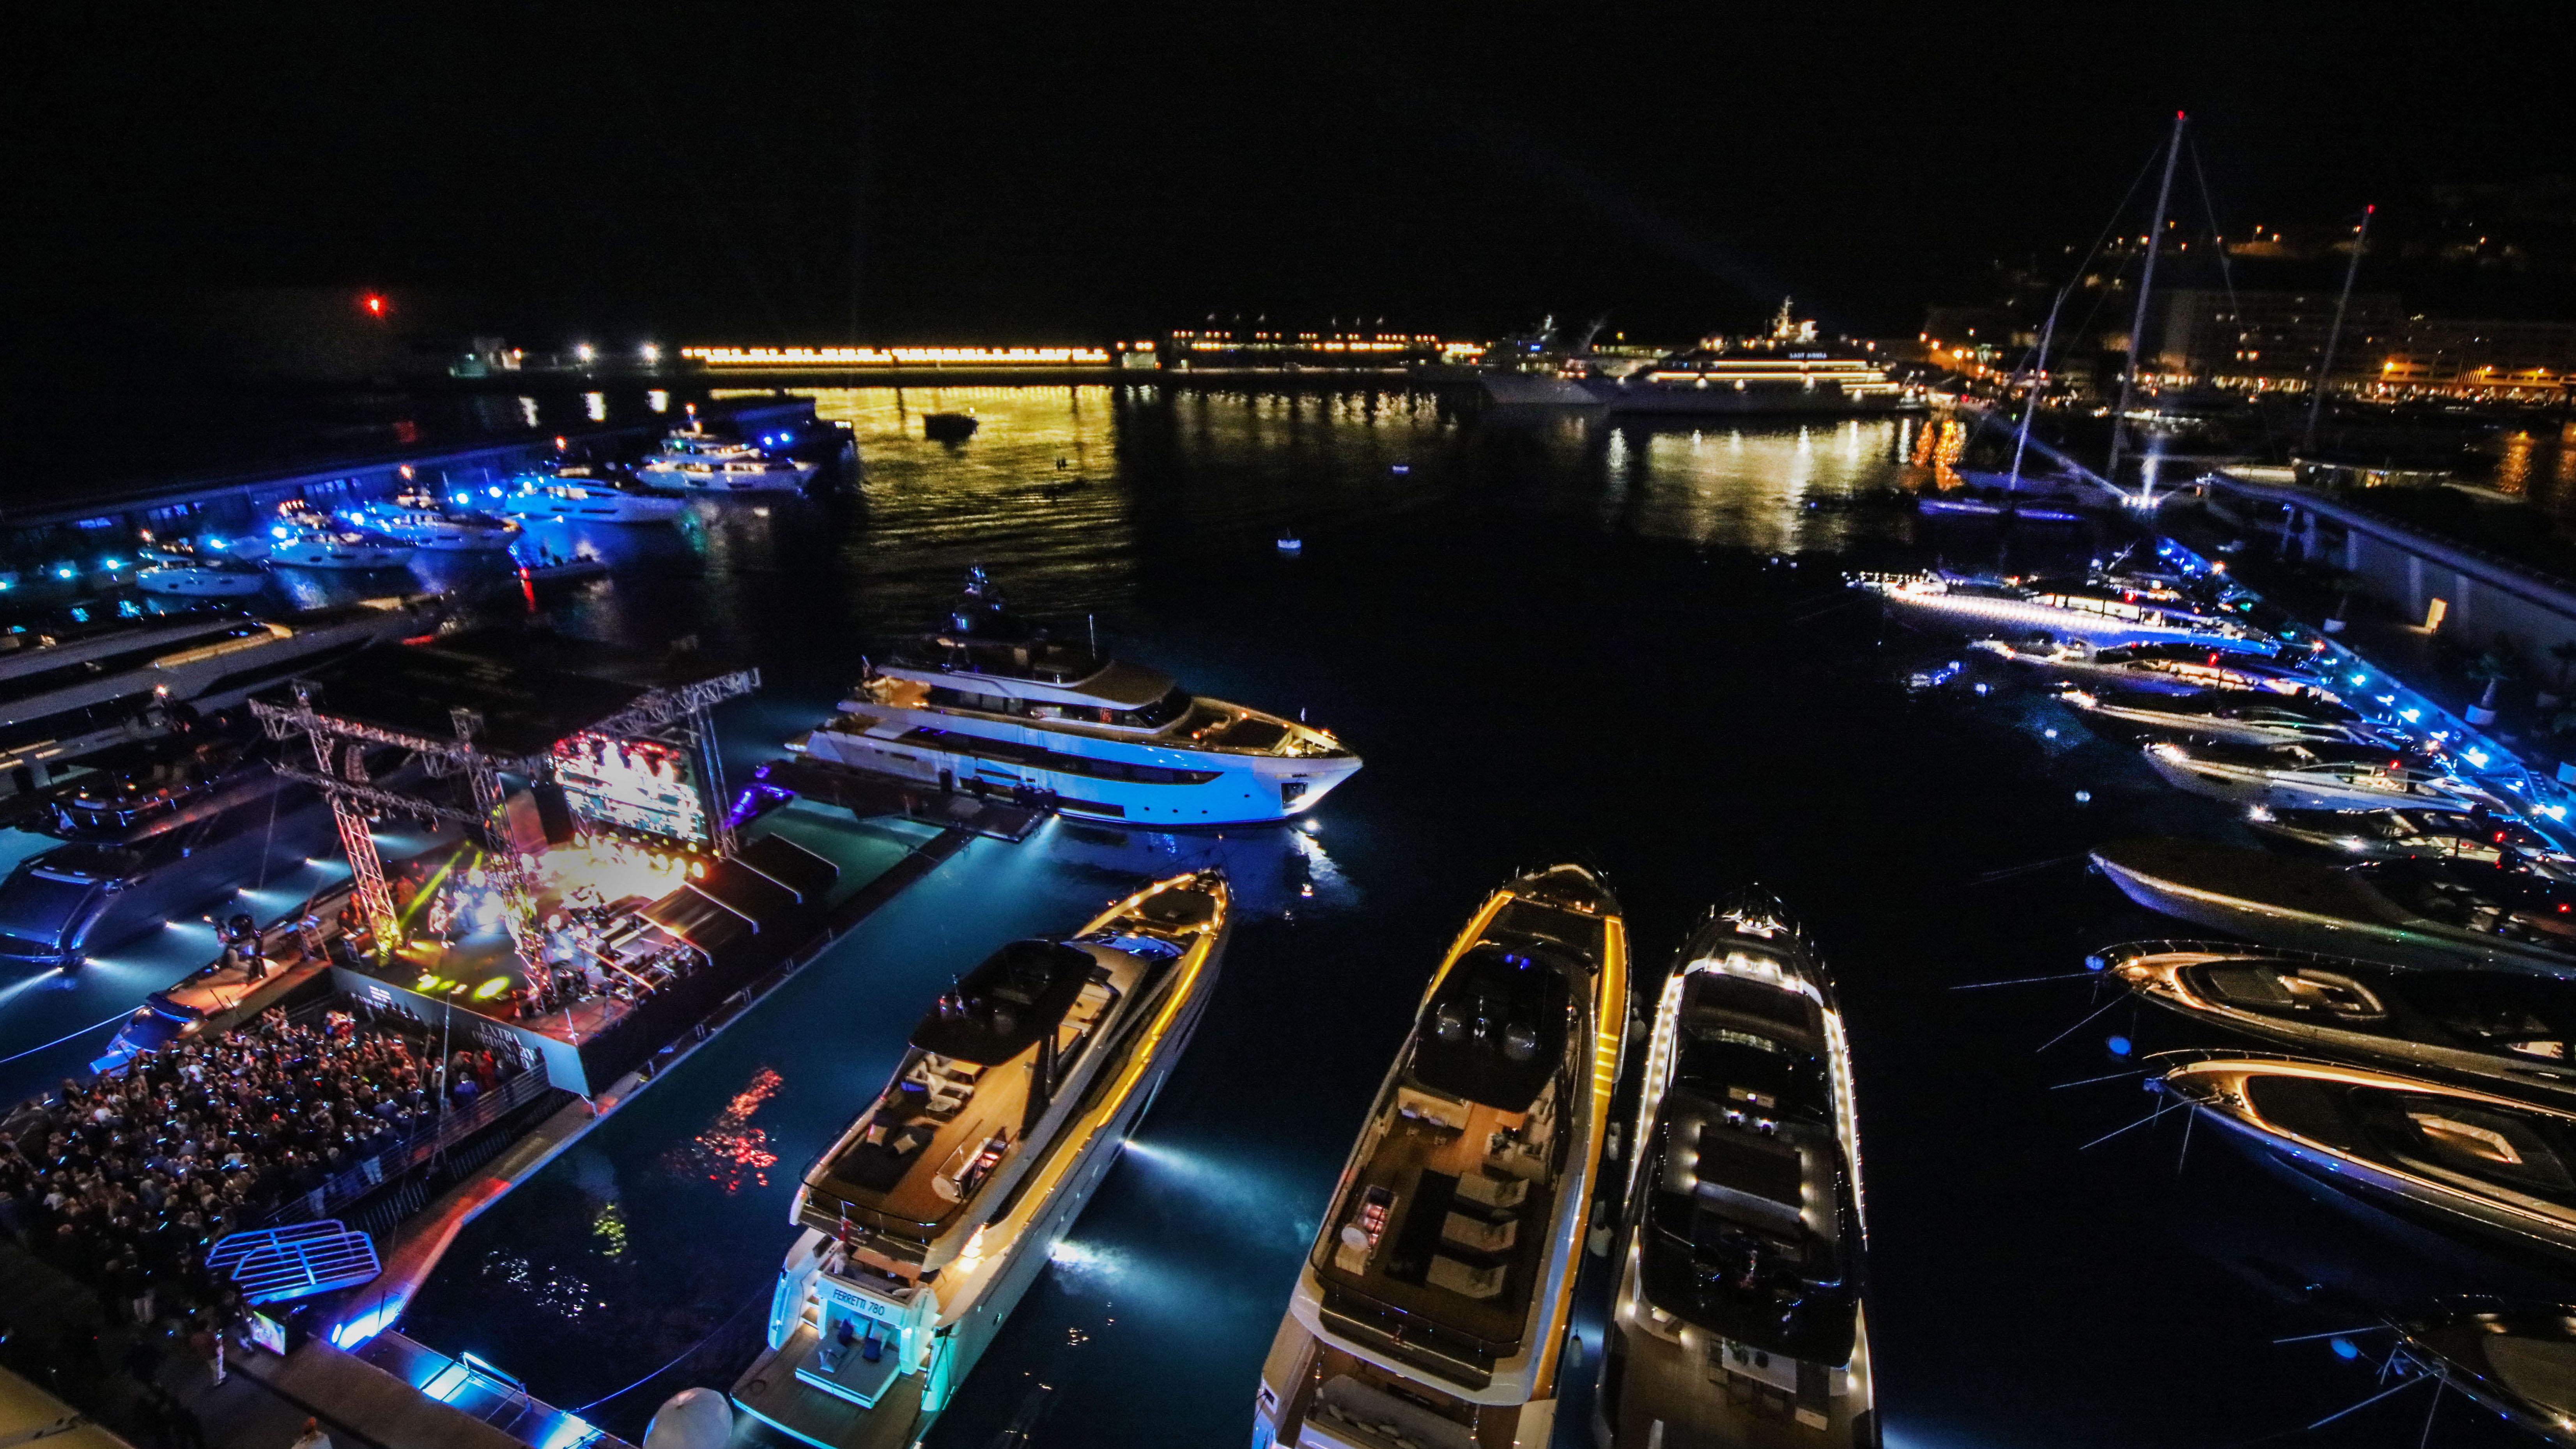 Ferretti Yachts Duran Duran Monaco Cannes Yachting Festival